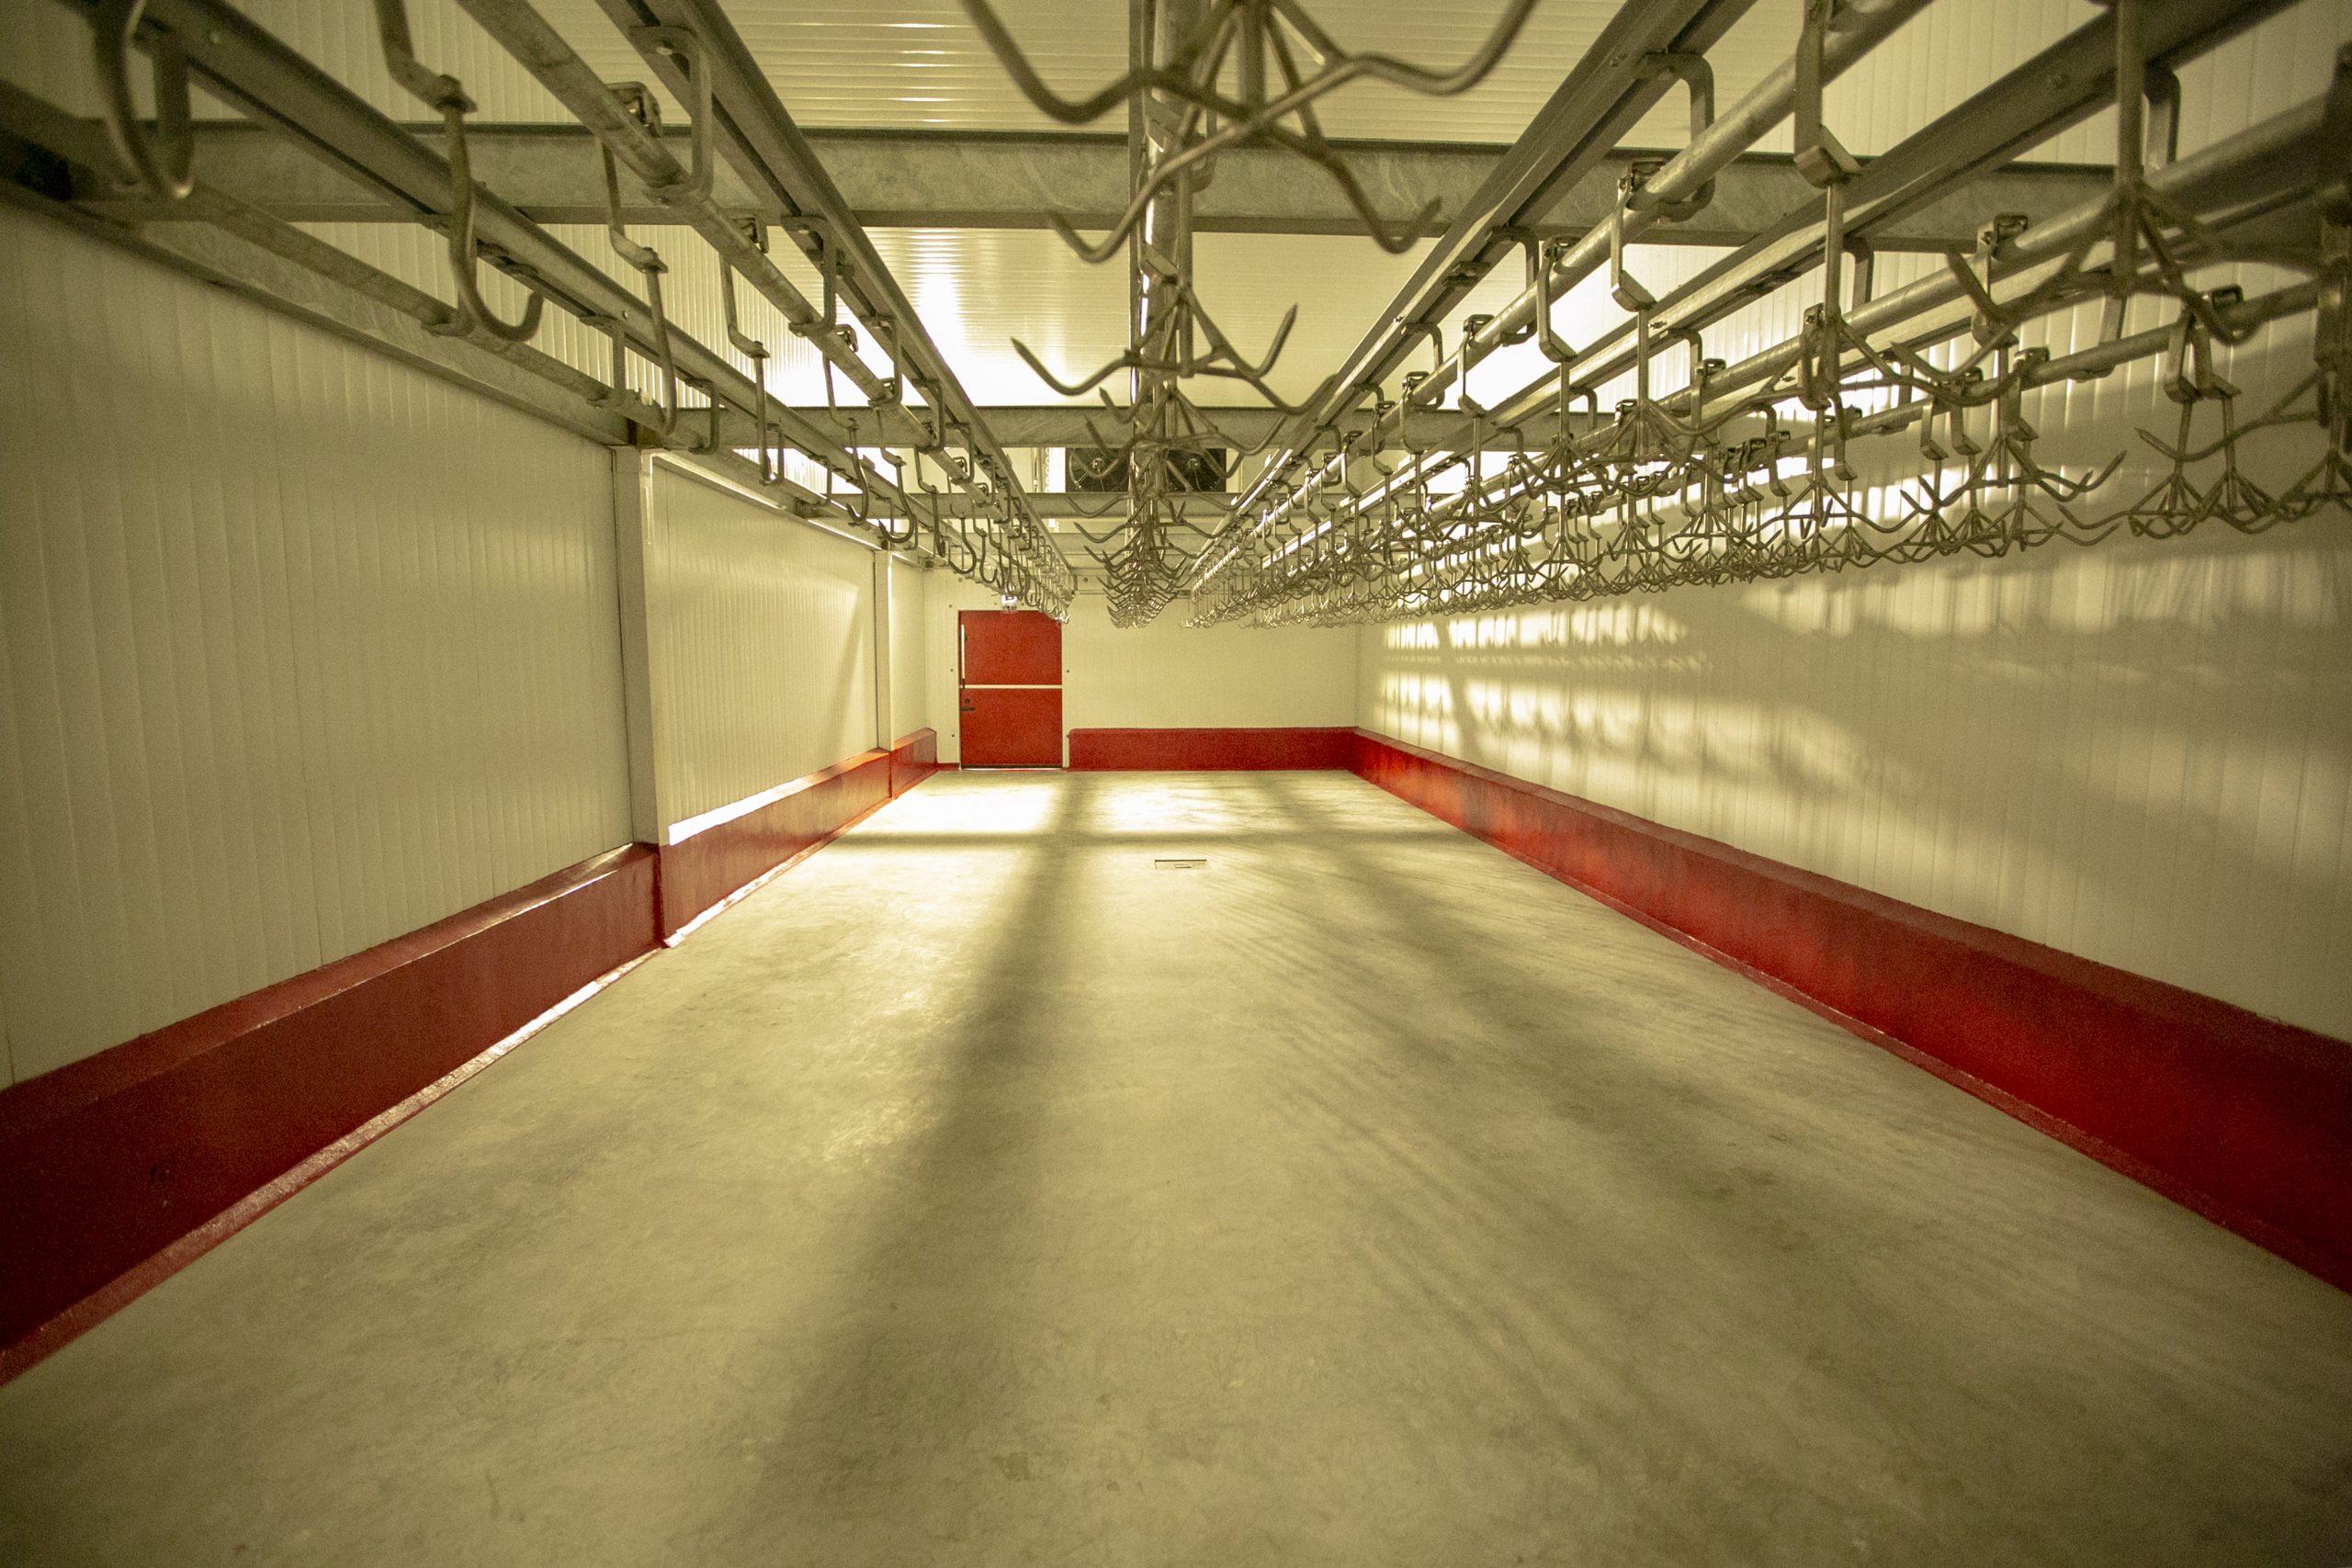 سالن تولیدی گوشت قرمز